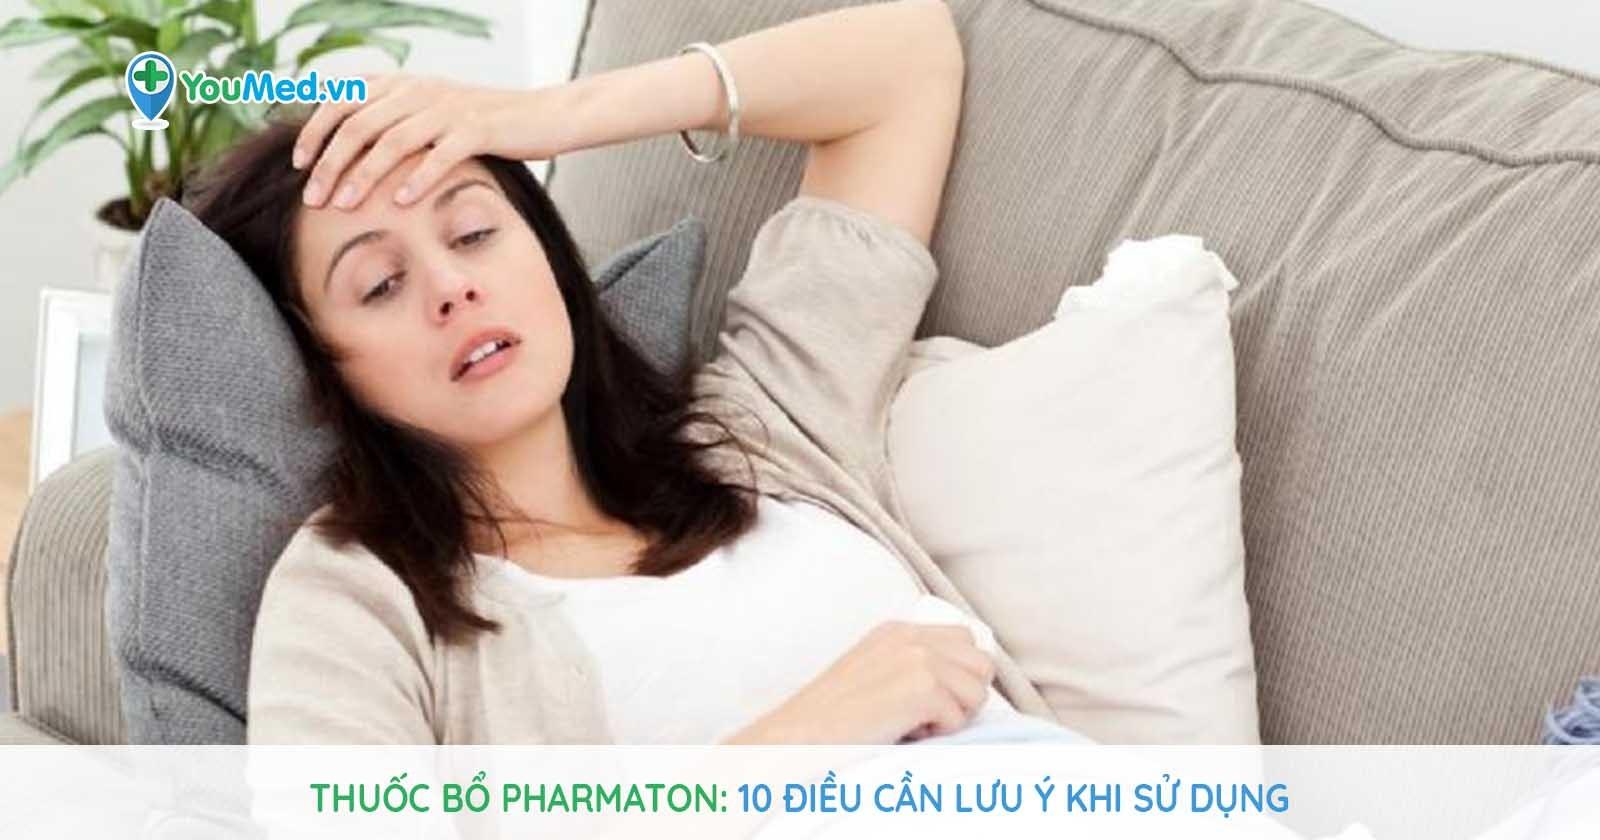 Thuốc bổ Pharmaton: 10 điều cần lưu ý khi sử dụng